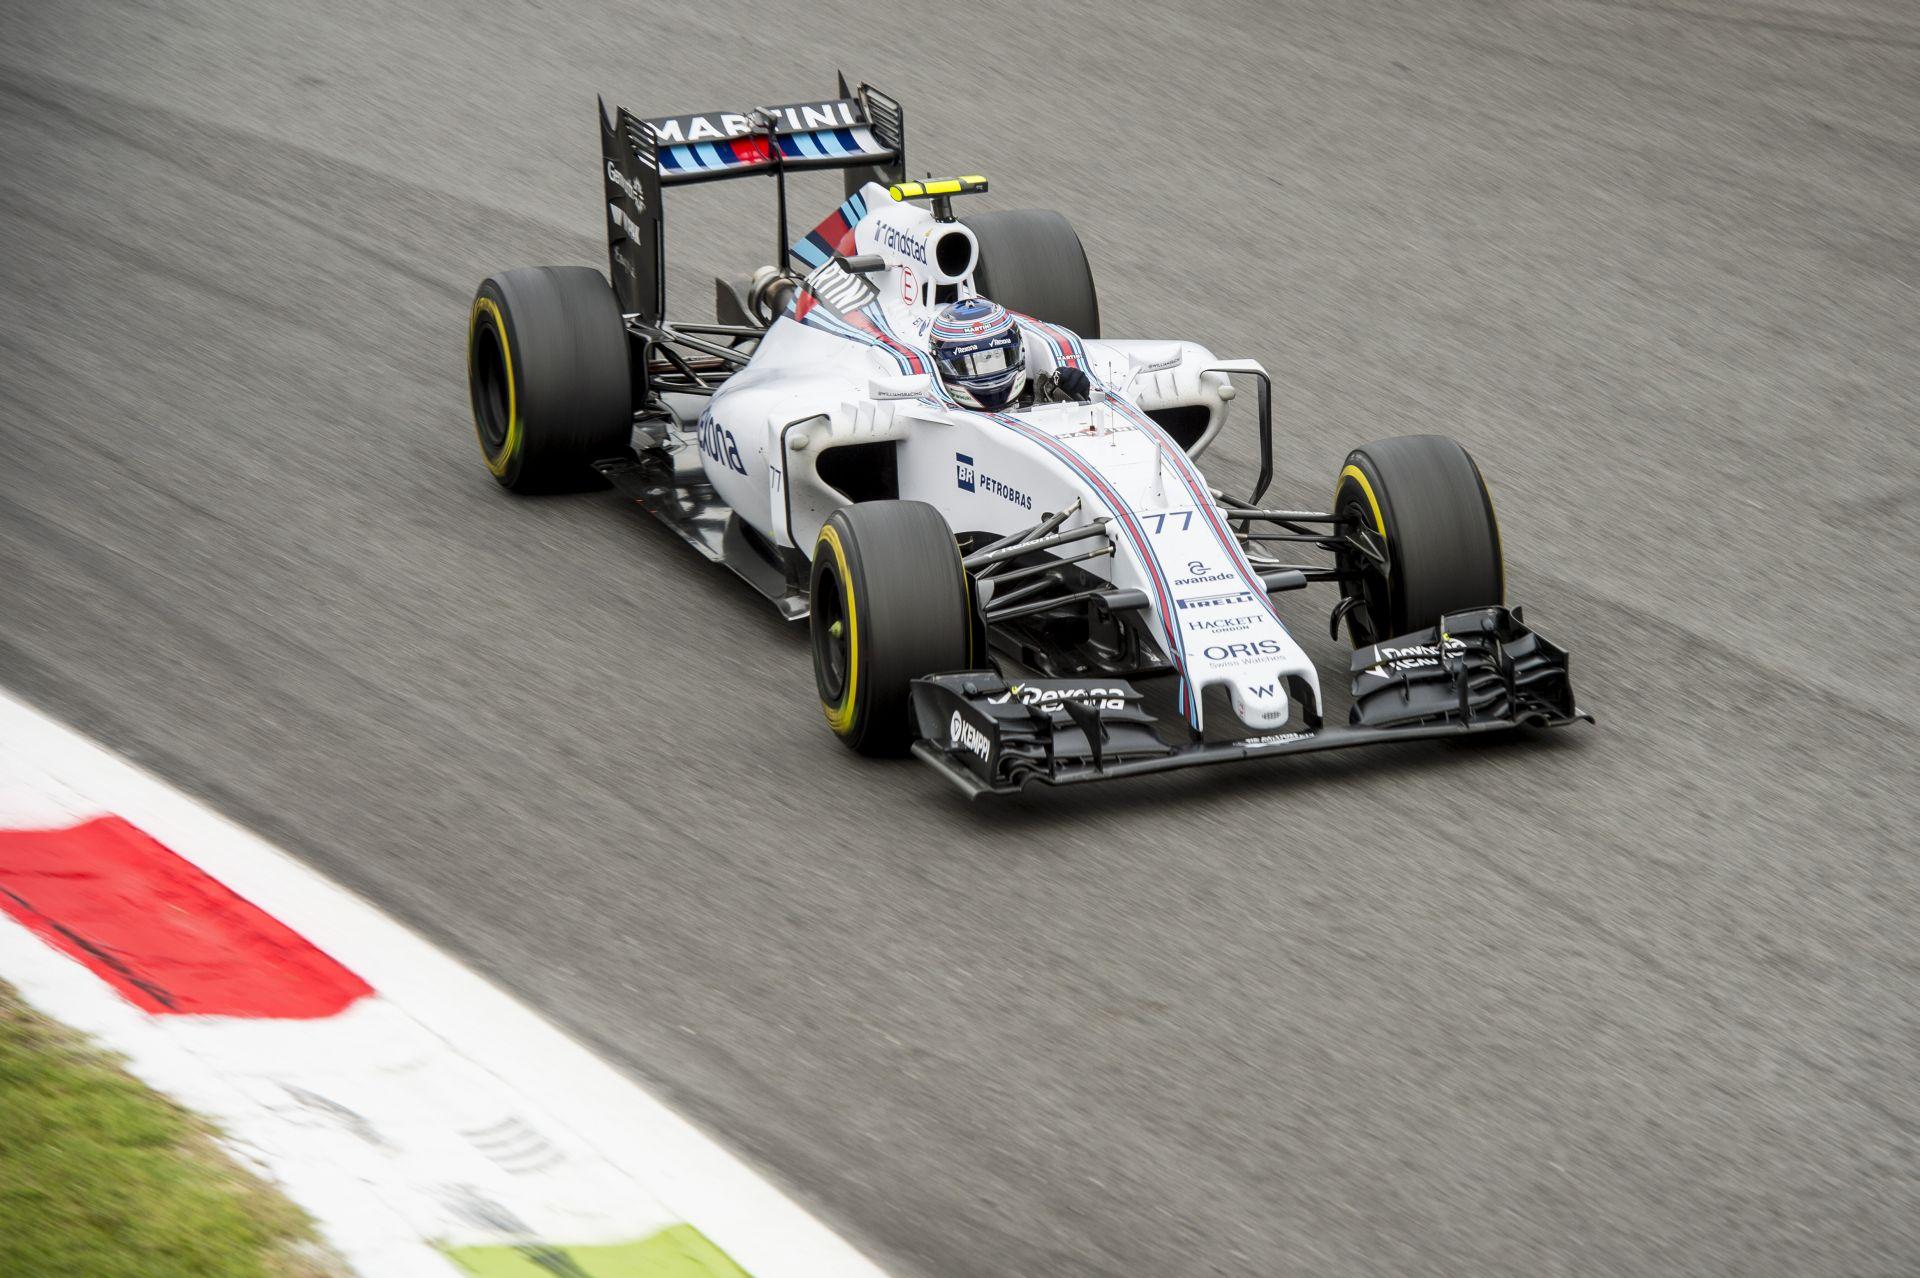 A Williams az Olasz Nagydíjon a dobogón tartja a szemét - a Ferrari ma elérhetetlen volt